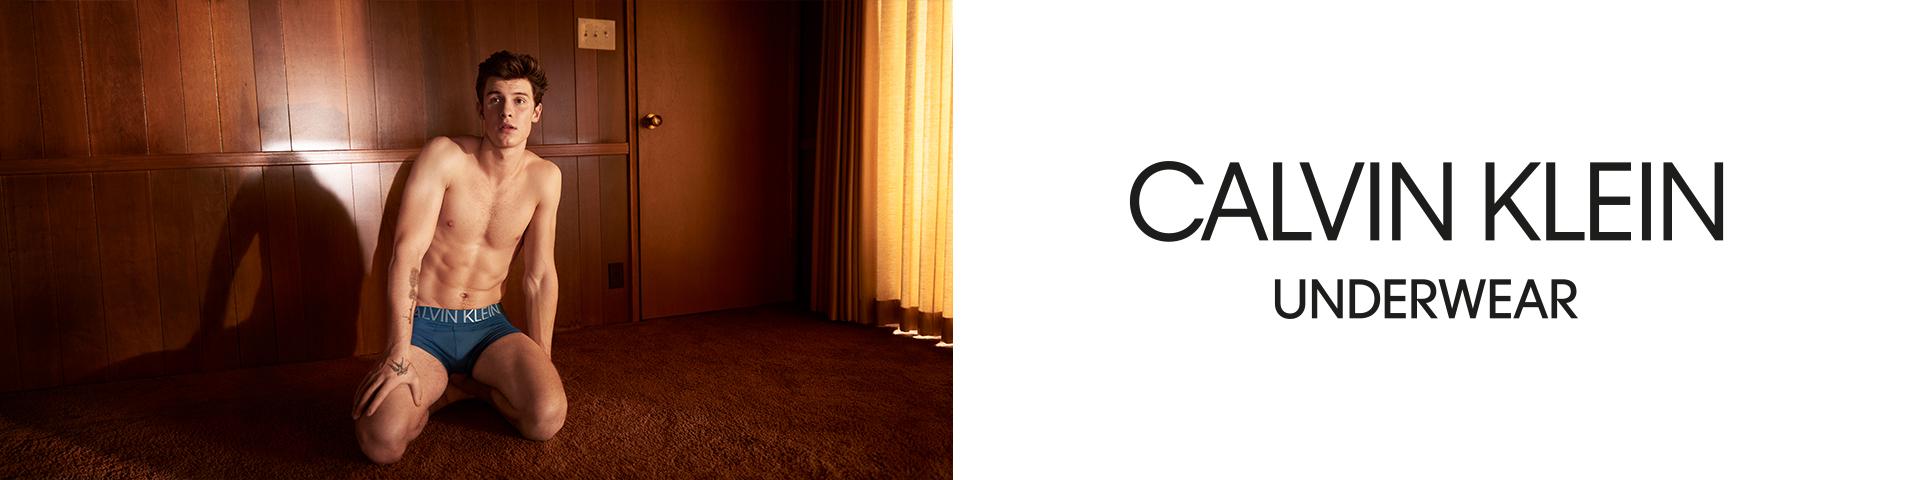 e533b793fa77dc Intimo maschile Calvin Klein Underwear | La collezione su Zalando